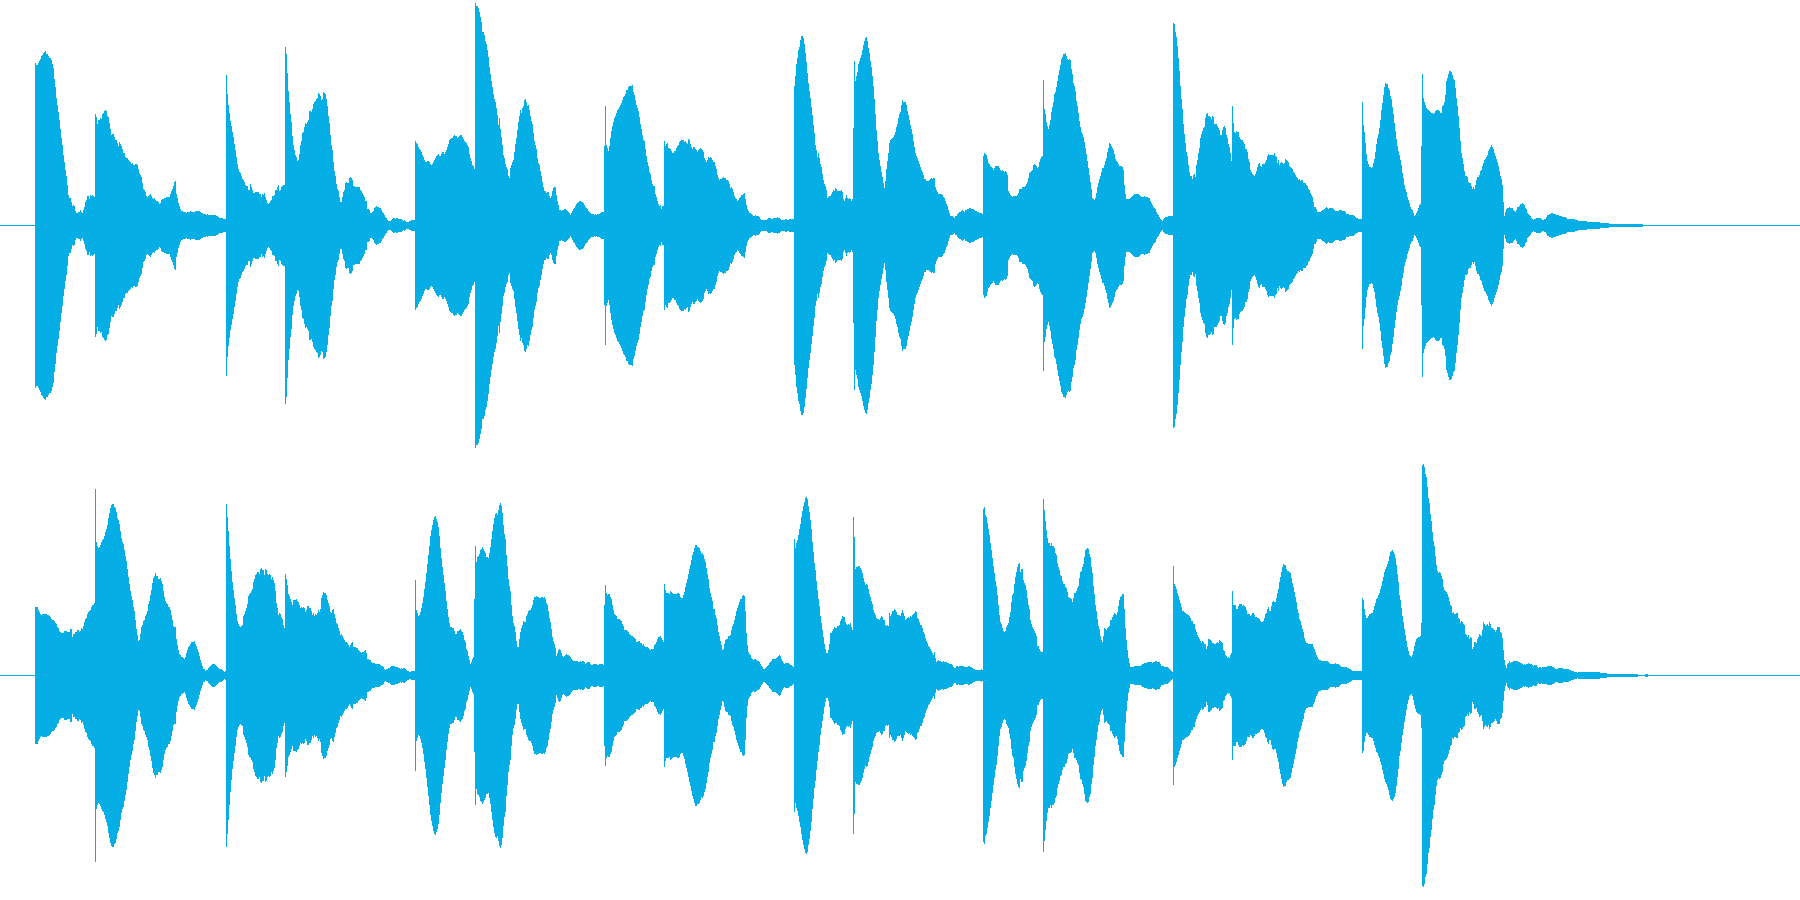 病室で聞こえるビープ音の再生済みの波形